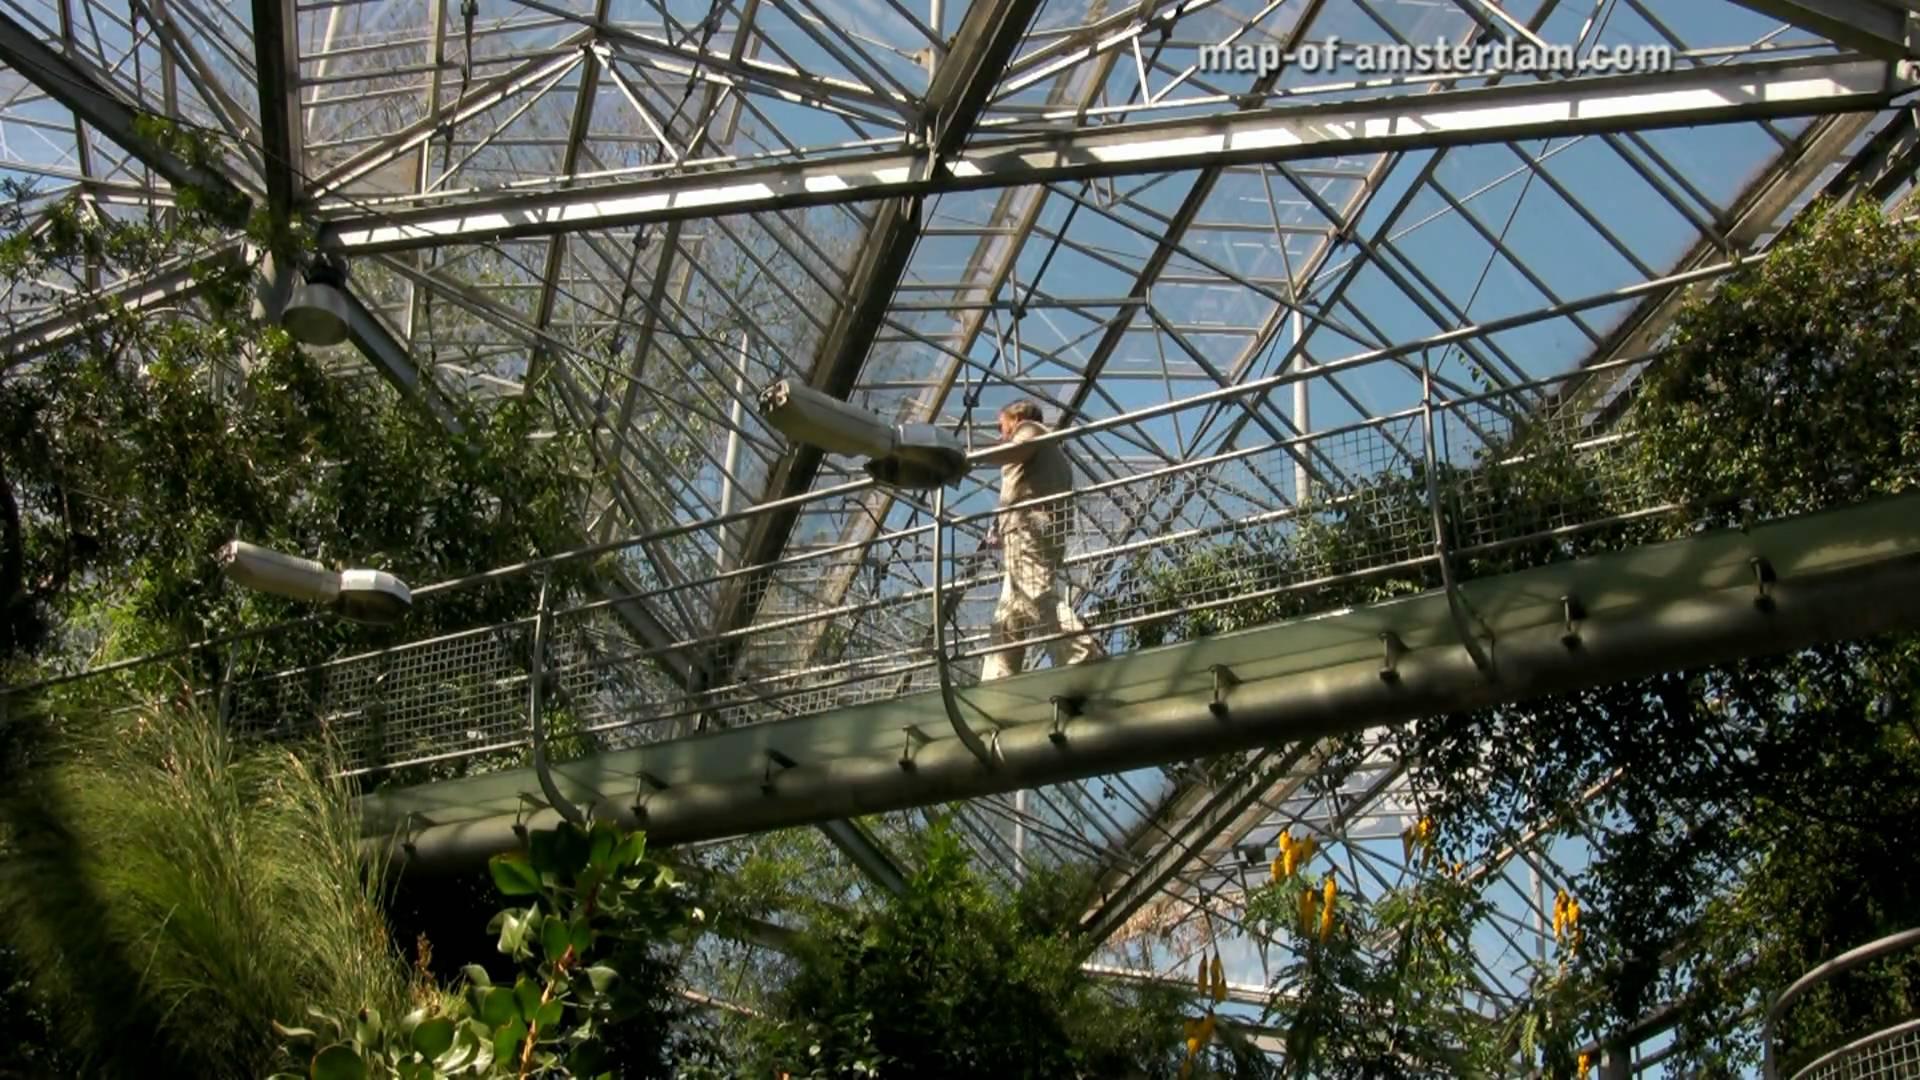 Hortus Botanicus --- Amsterdam - YouTube